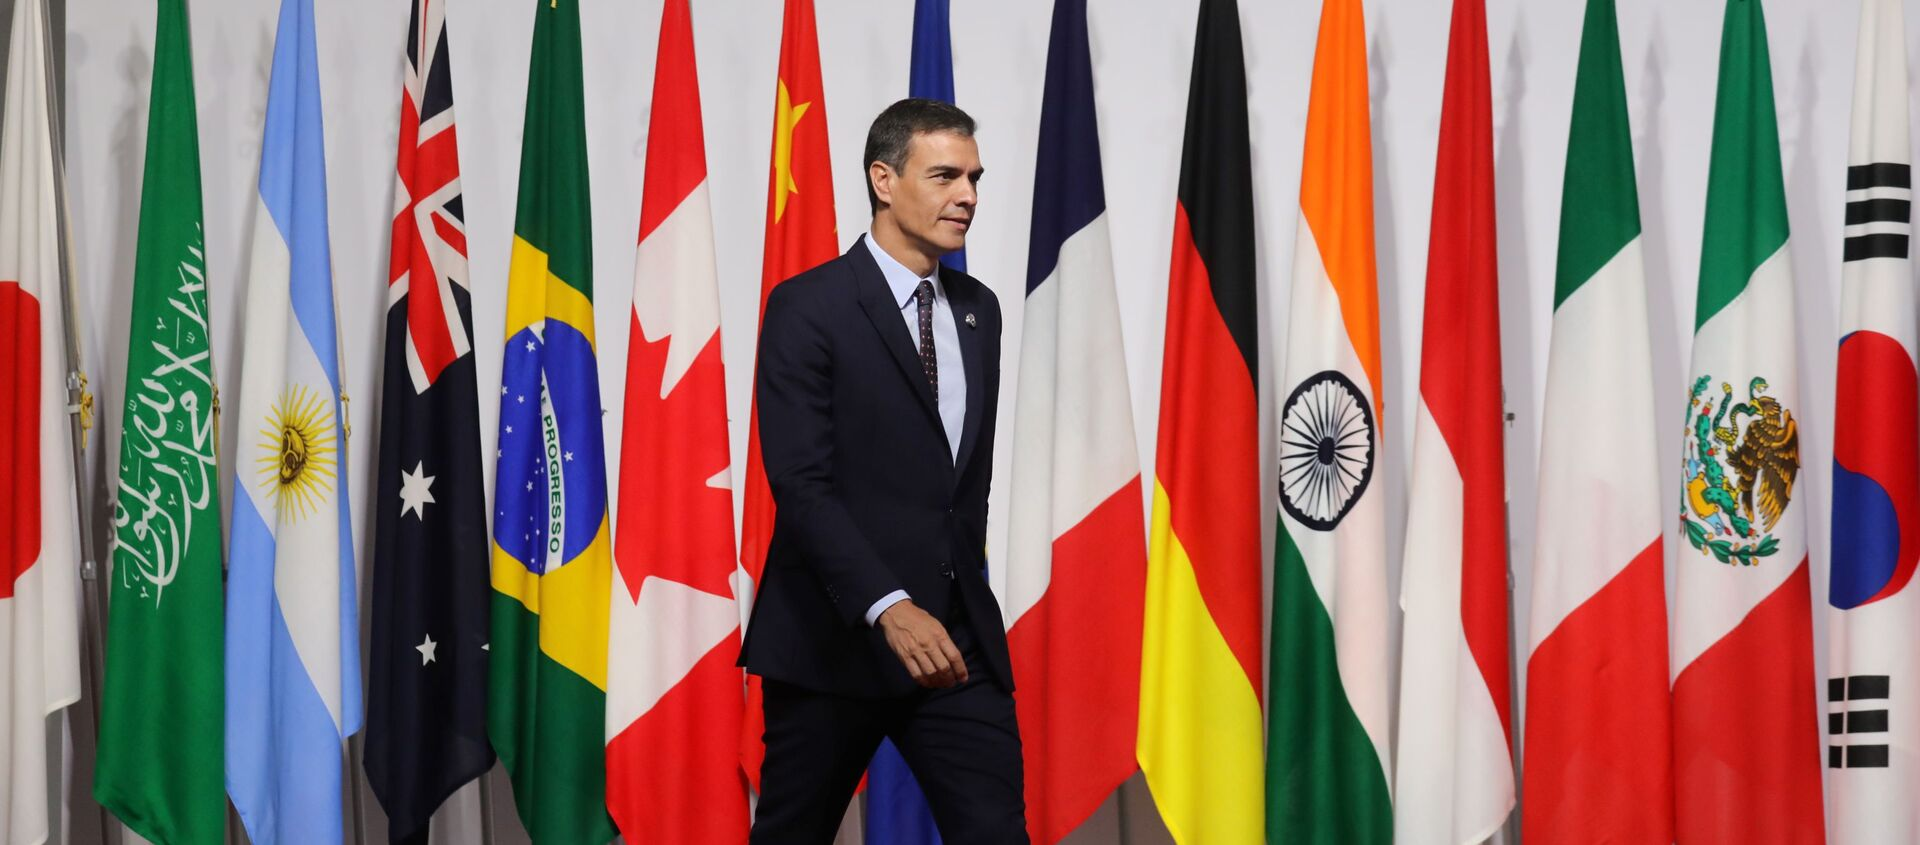 Pedro Sánchez, presidente del Gobierno español en la cumbre del G20 en Osaka, Japón - Sputnik Mundo, 1920, 28.06.2019